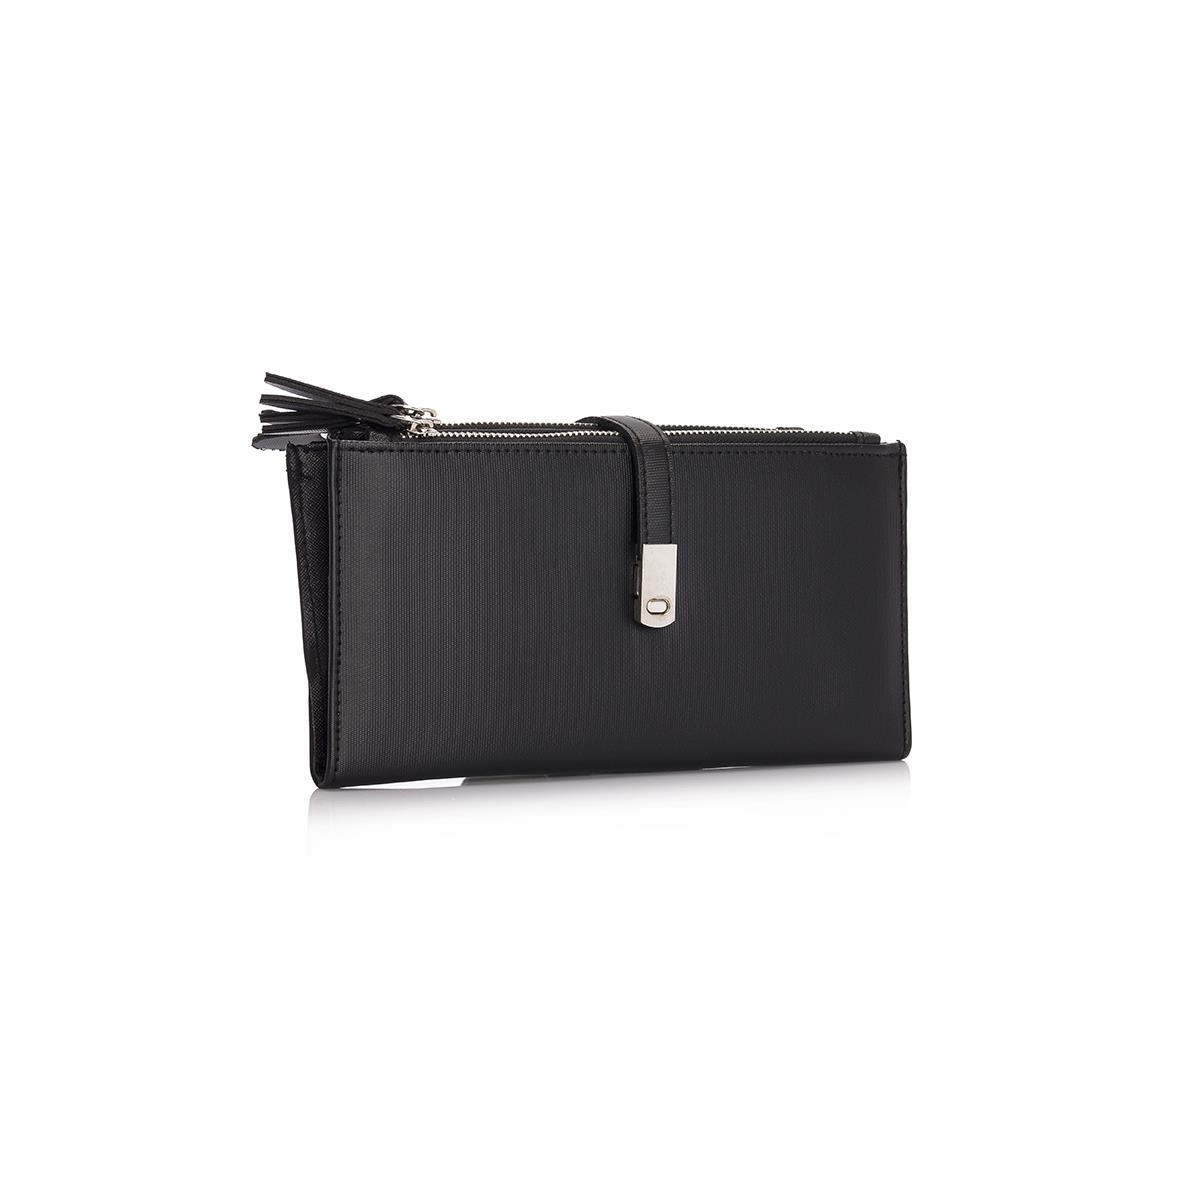 Women's Zipped Black Wallet